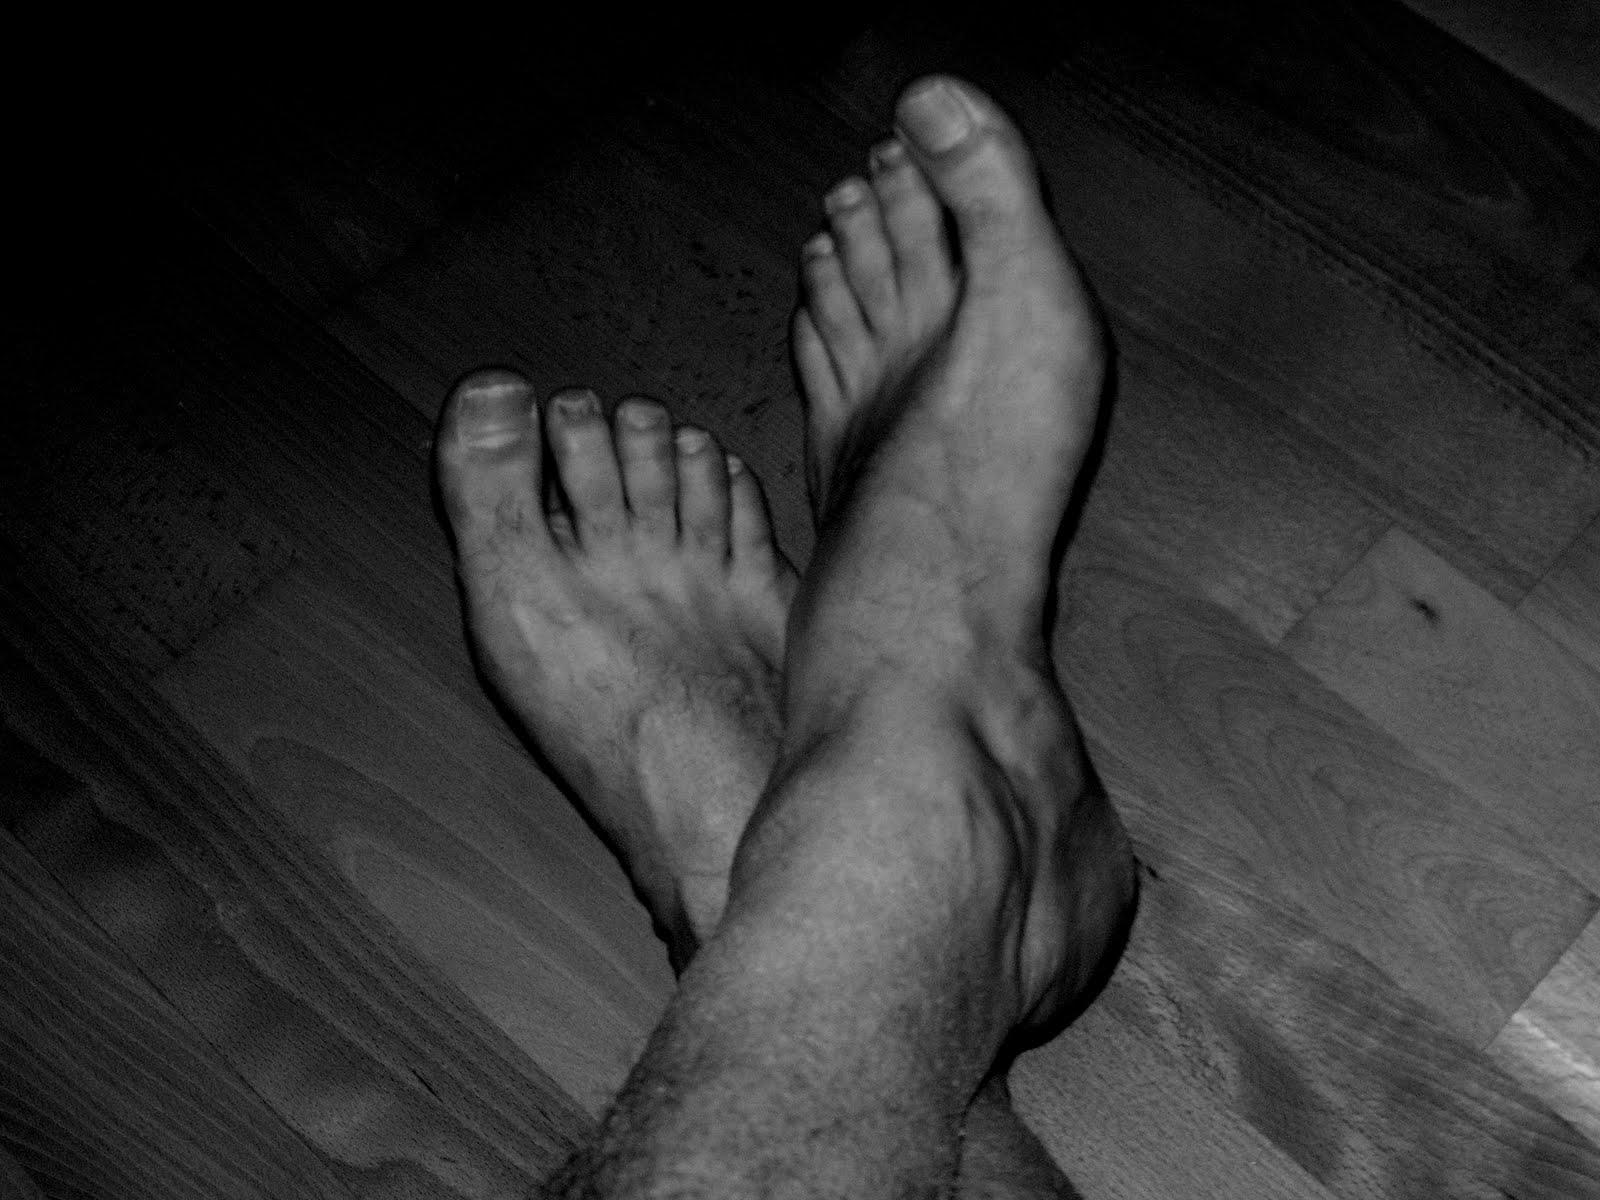 El Pobrecito Hablador del siglo XXI ® ©: 2010